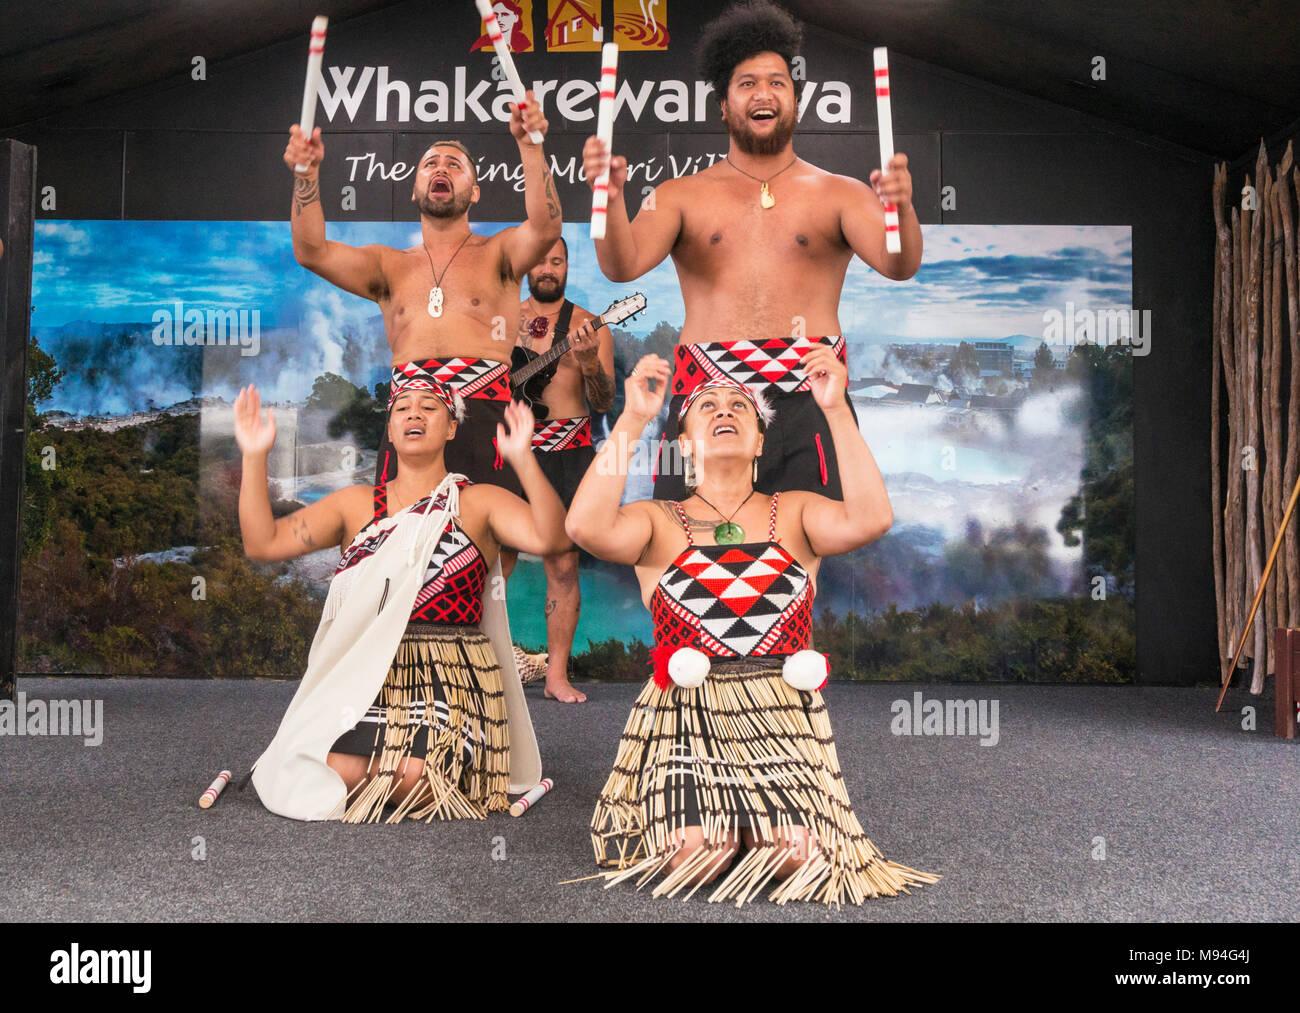 Nueva Zelanda ROTORUA Nueva Zelanda ROTORUA whakarewarewa espectáculo cultural maorí con cuatro bailarines maoríes de Nueva Zelanda Isla del Norte, Nueva Zelanda Oceanía Imagen De Stock